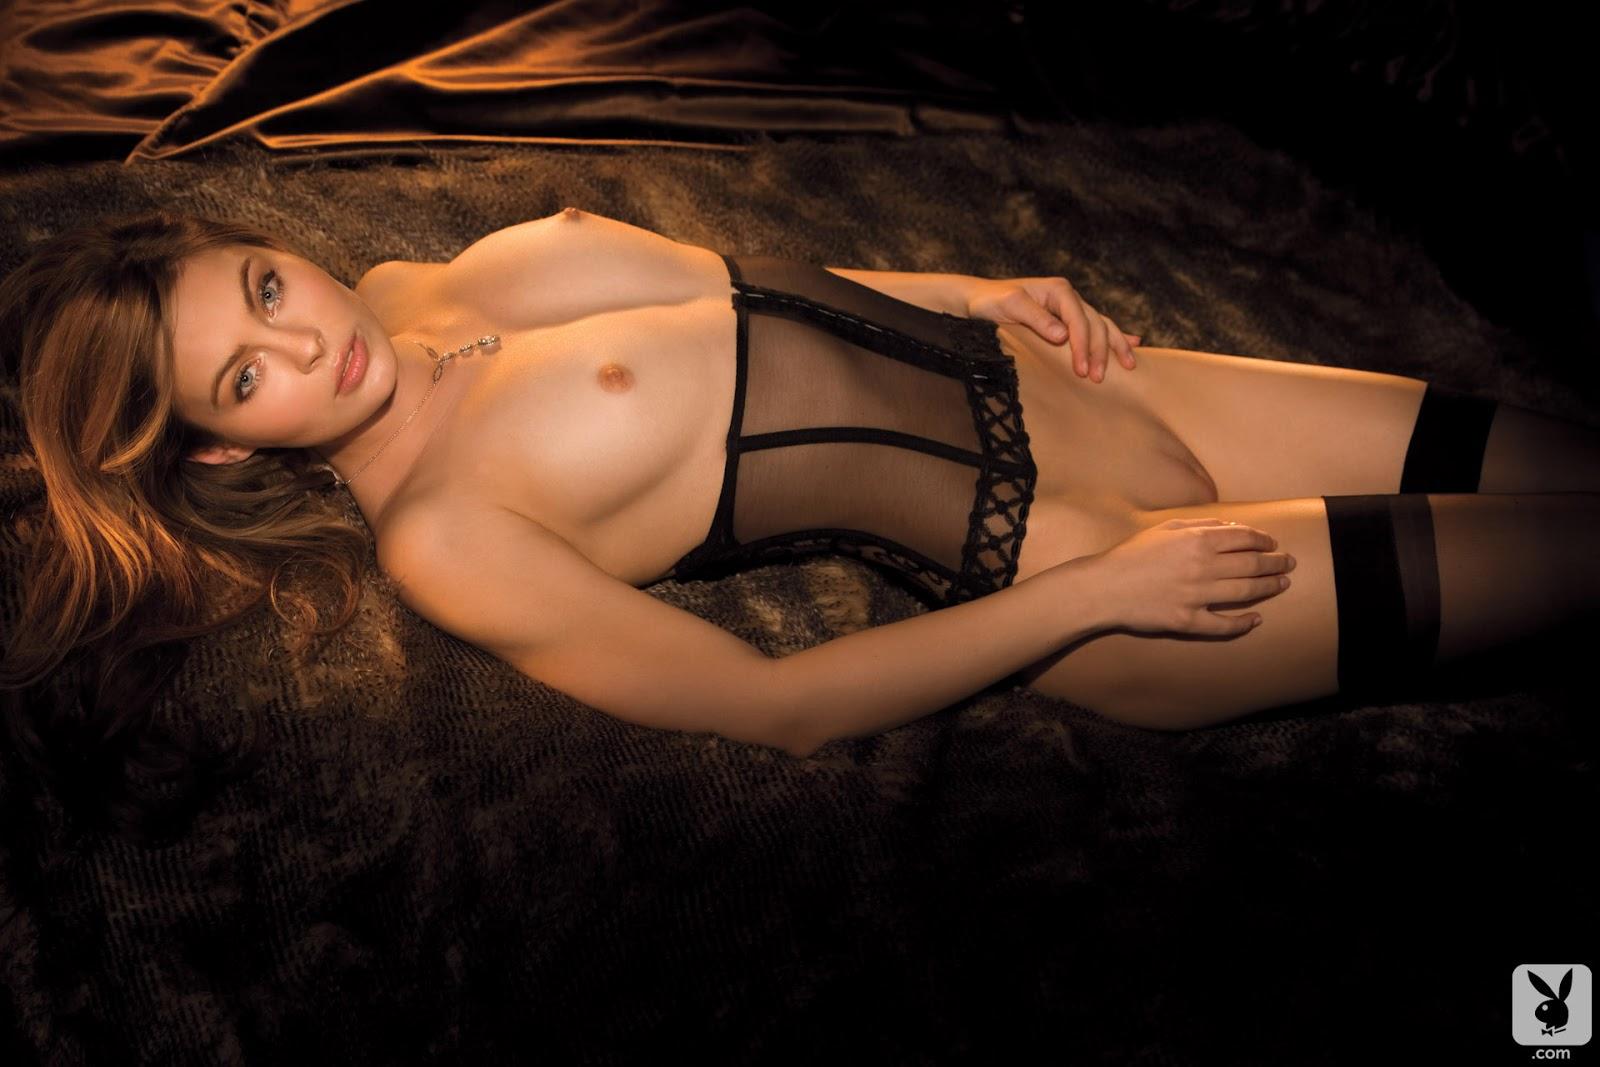 Playboy Photos Nude